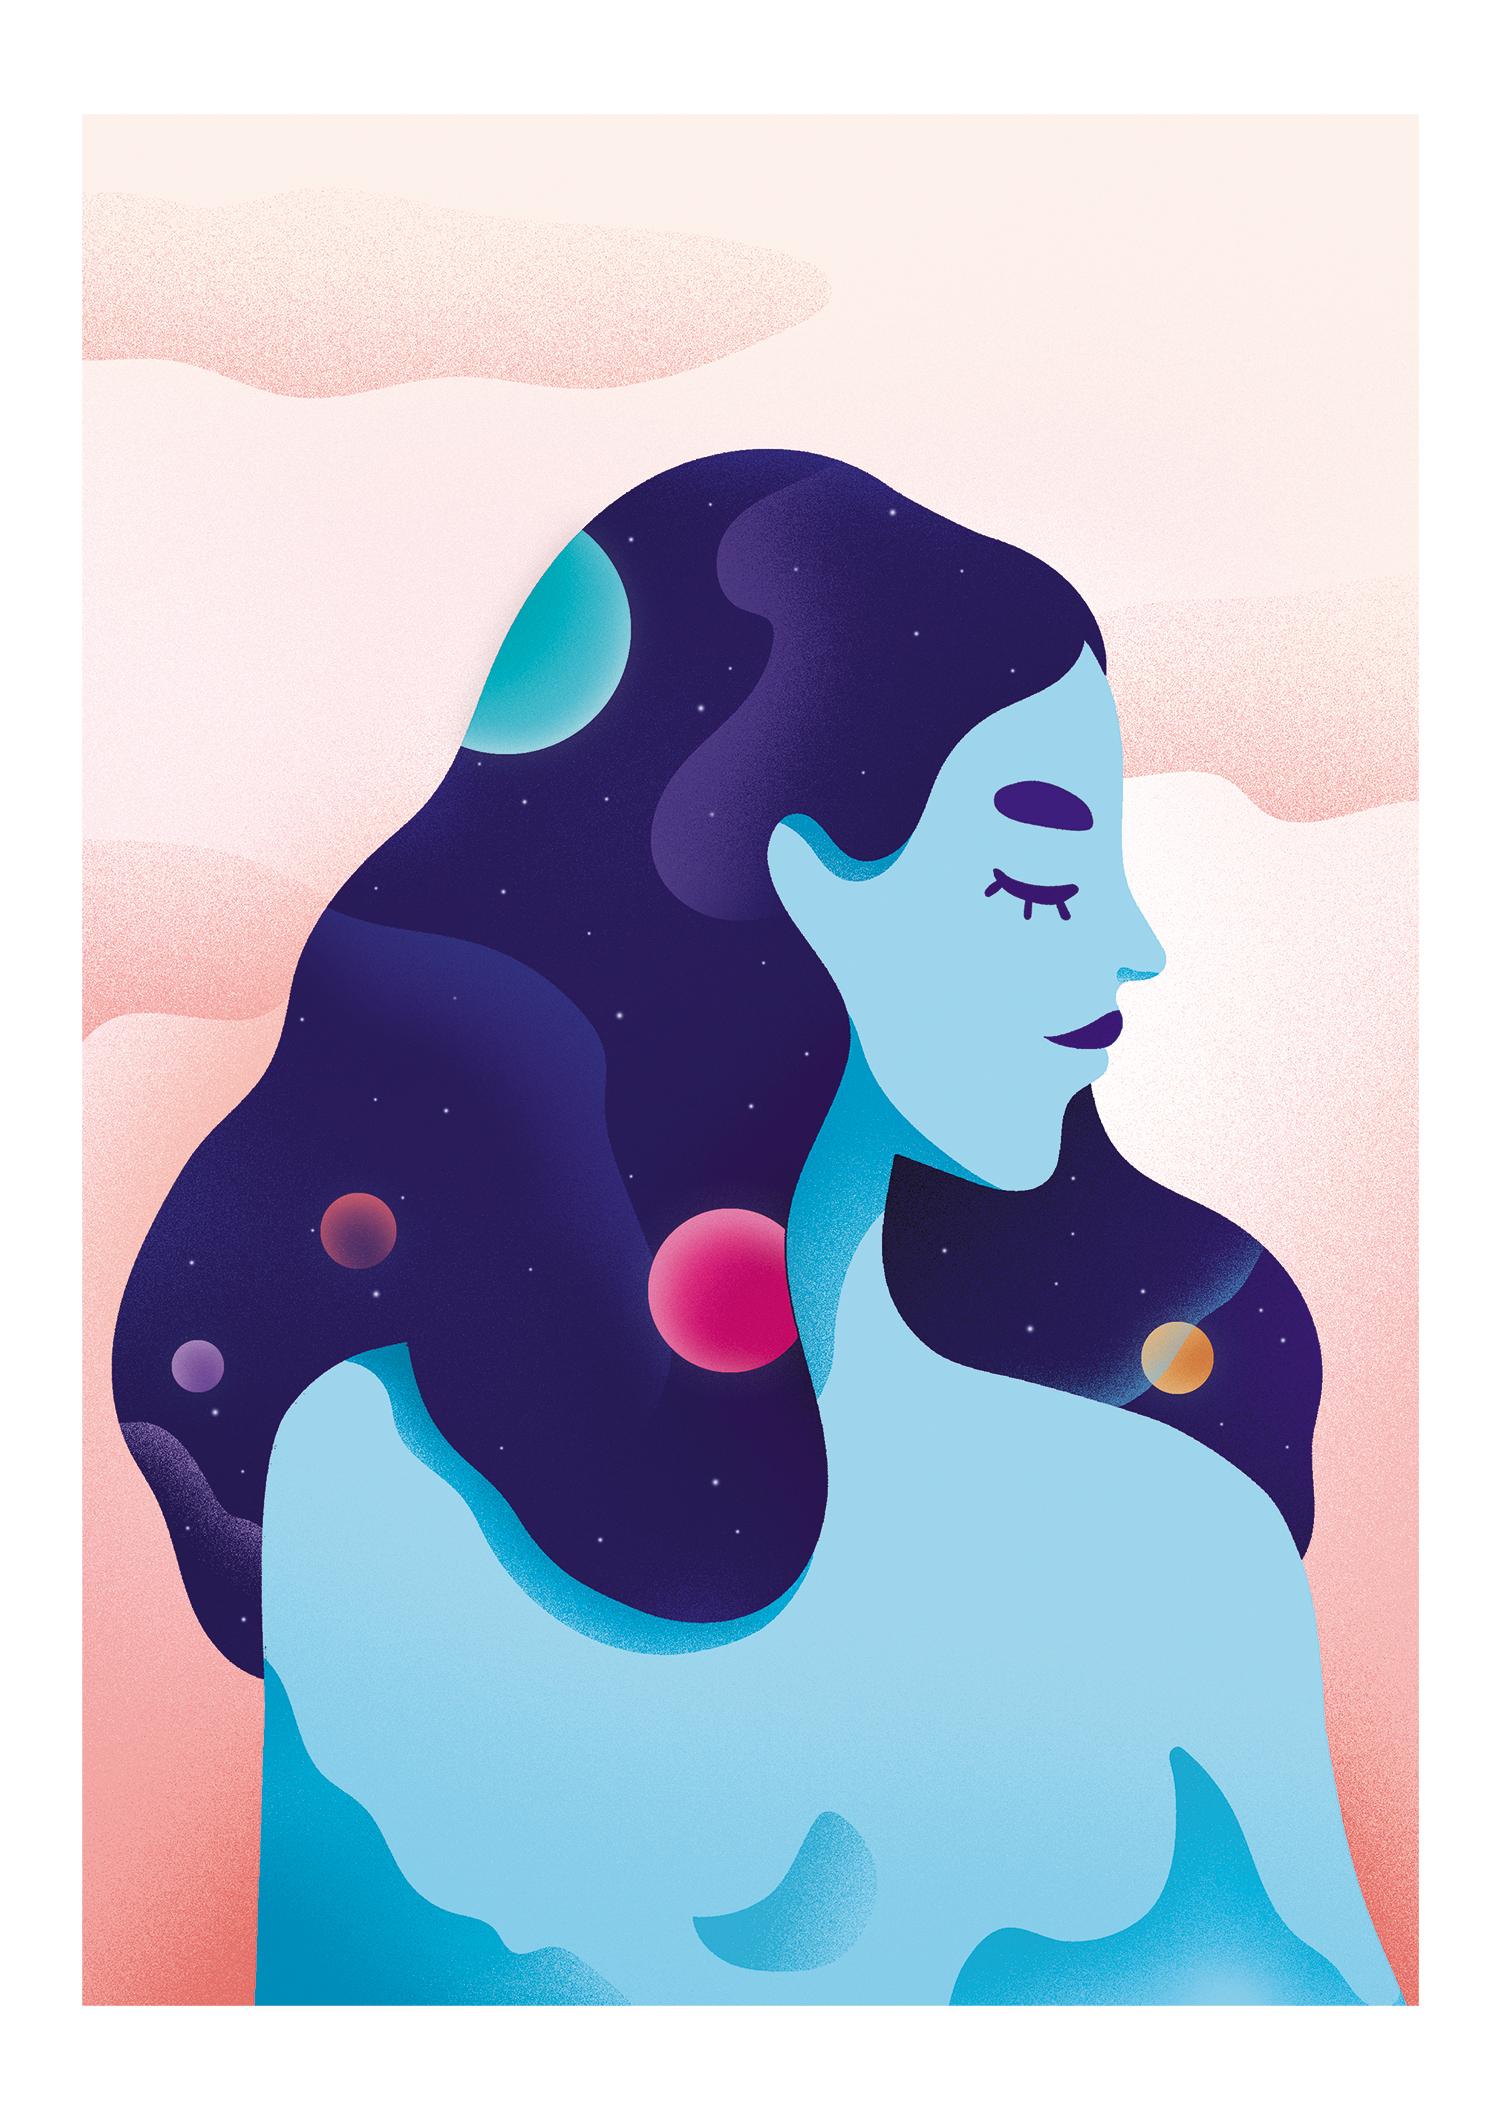 Le soavi illustrazioni di Victoria Roussel | Collater.al 17